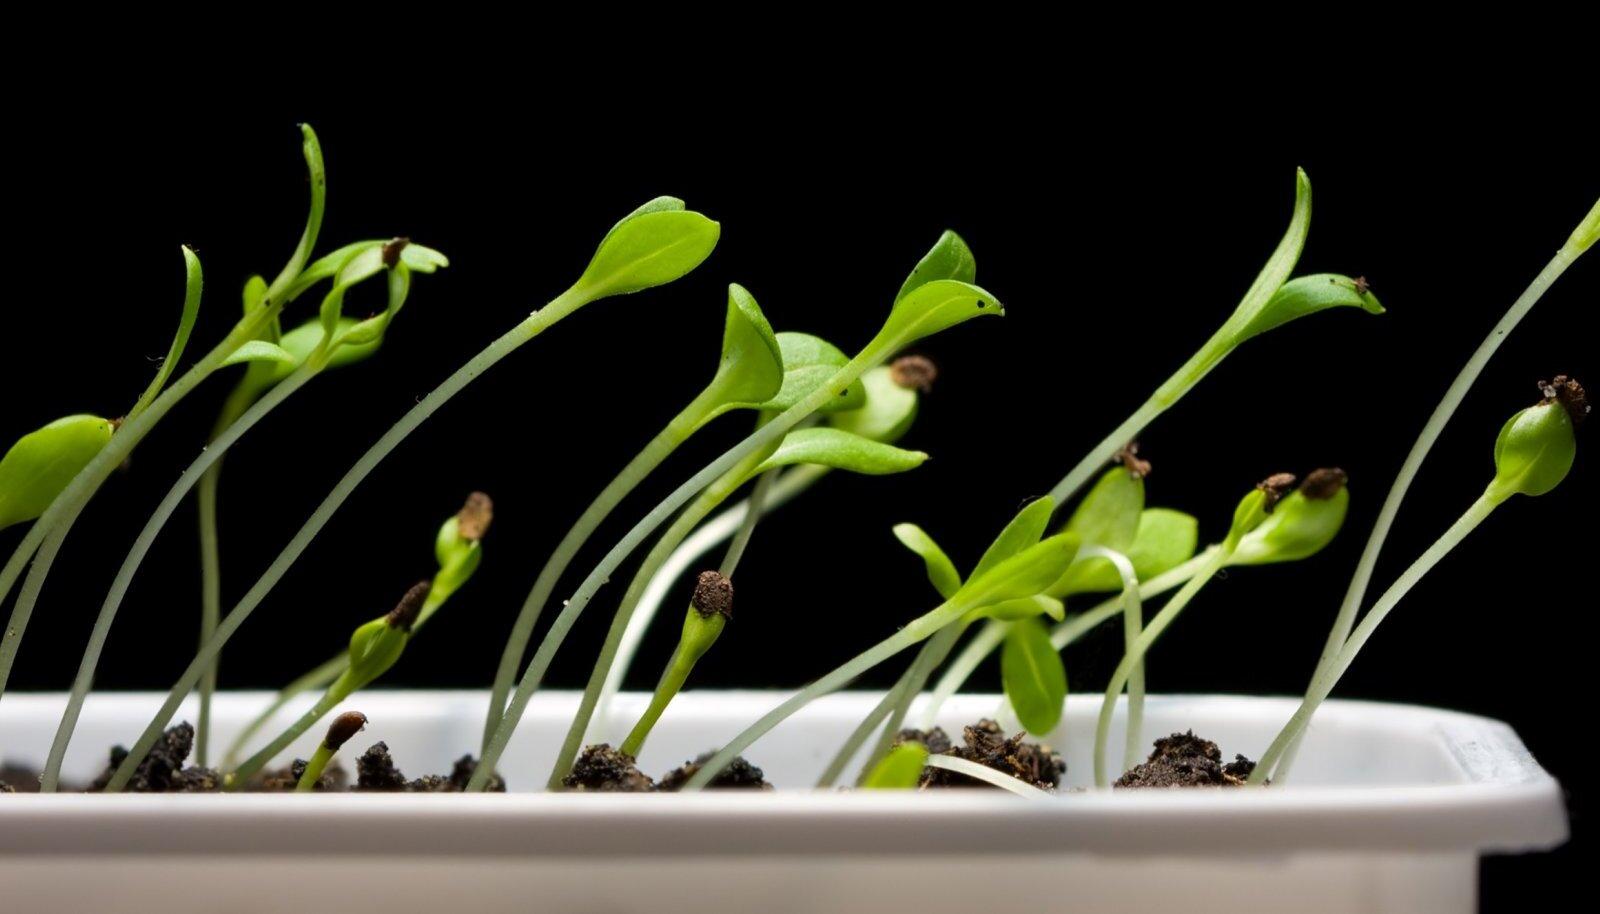 Tüüpilised valgusepuuduse all kannatavad väiketaimed on veninud ja nõrgad.